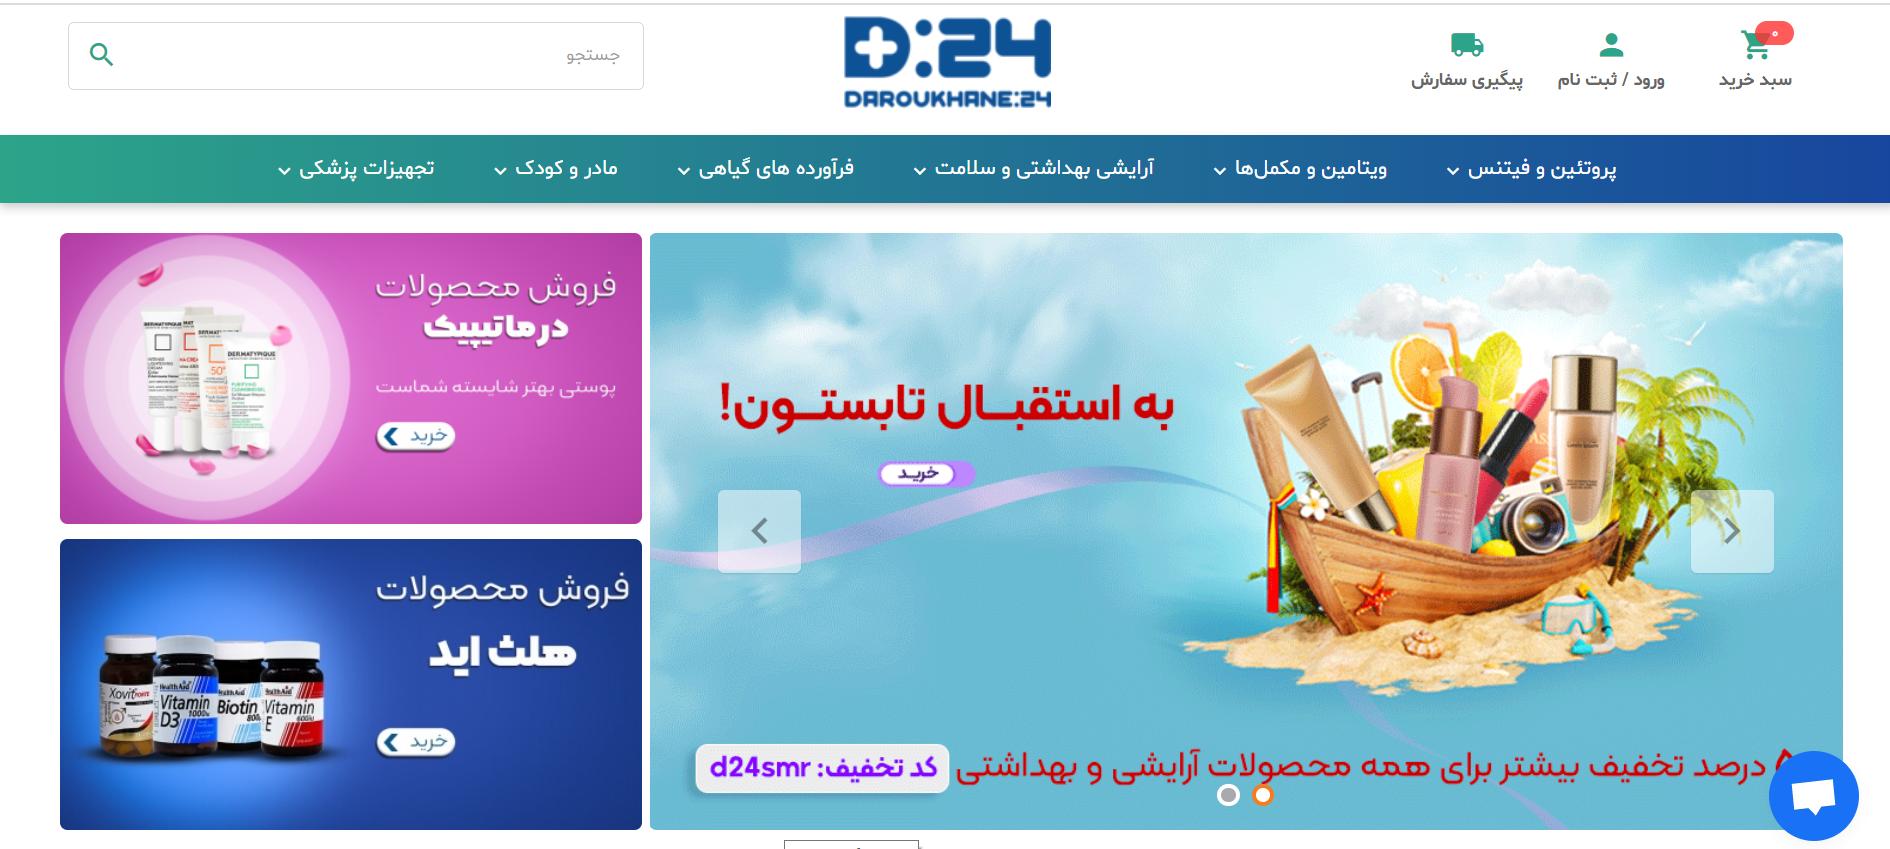 بهترین سایت های داروخانه آنلاین _ داروخانه 24